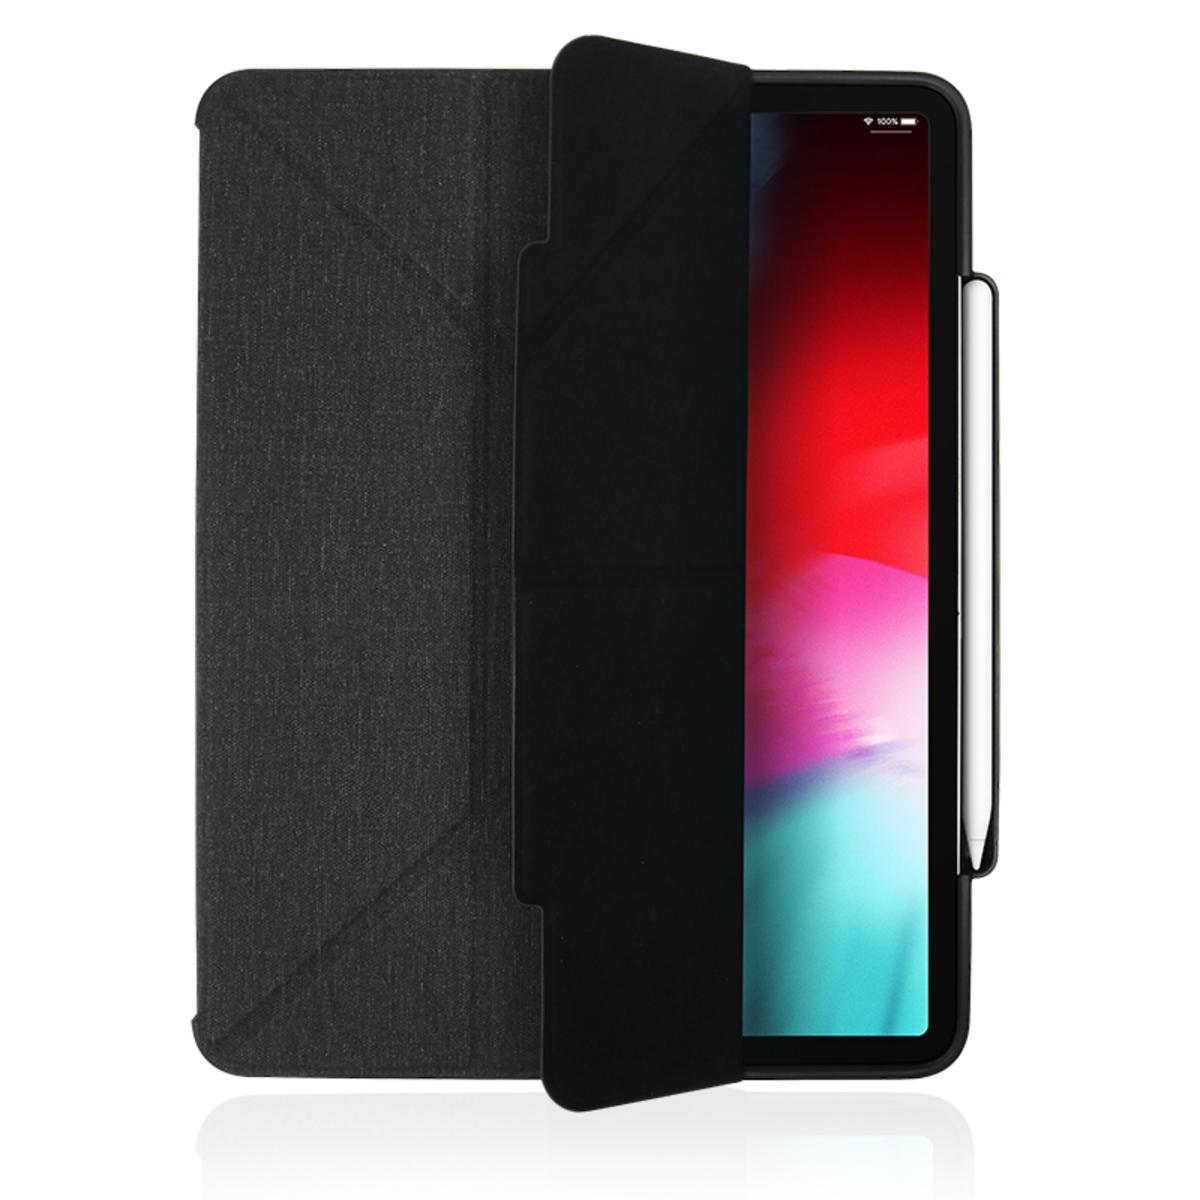 iPad Pro 12.9 吋 (2018) Amos 多角度折疊布紋皮套 - 含 Apple Pencil 筆槽 (灰)